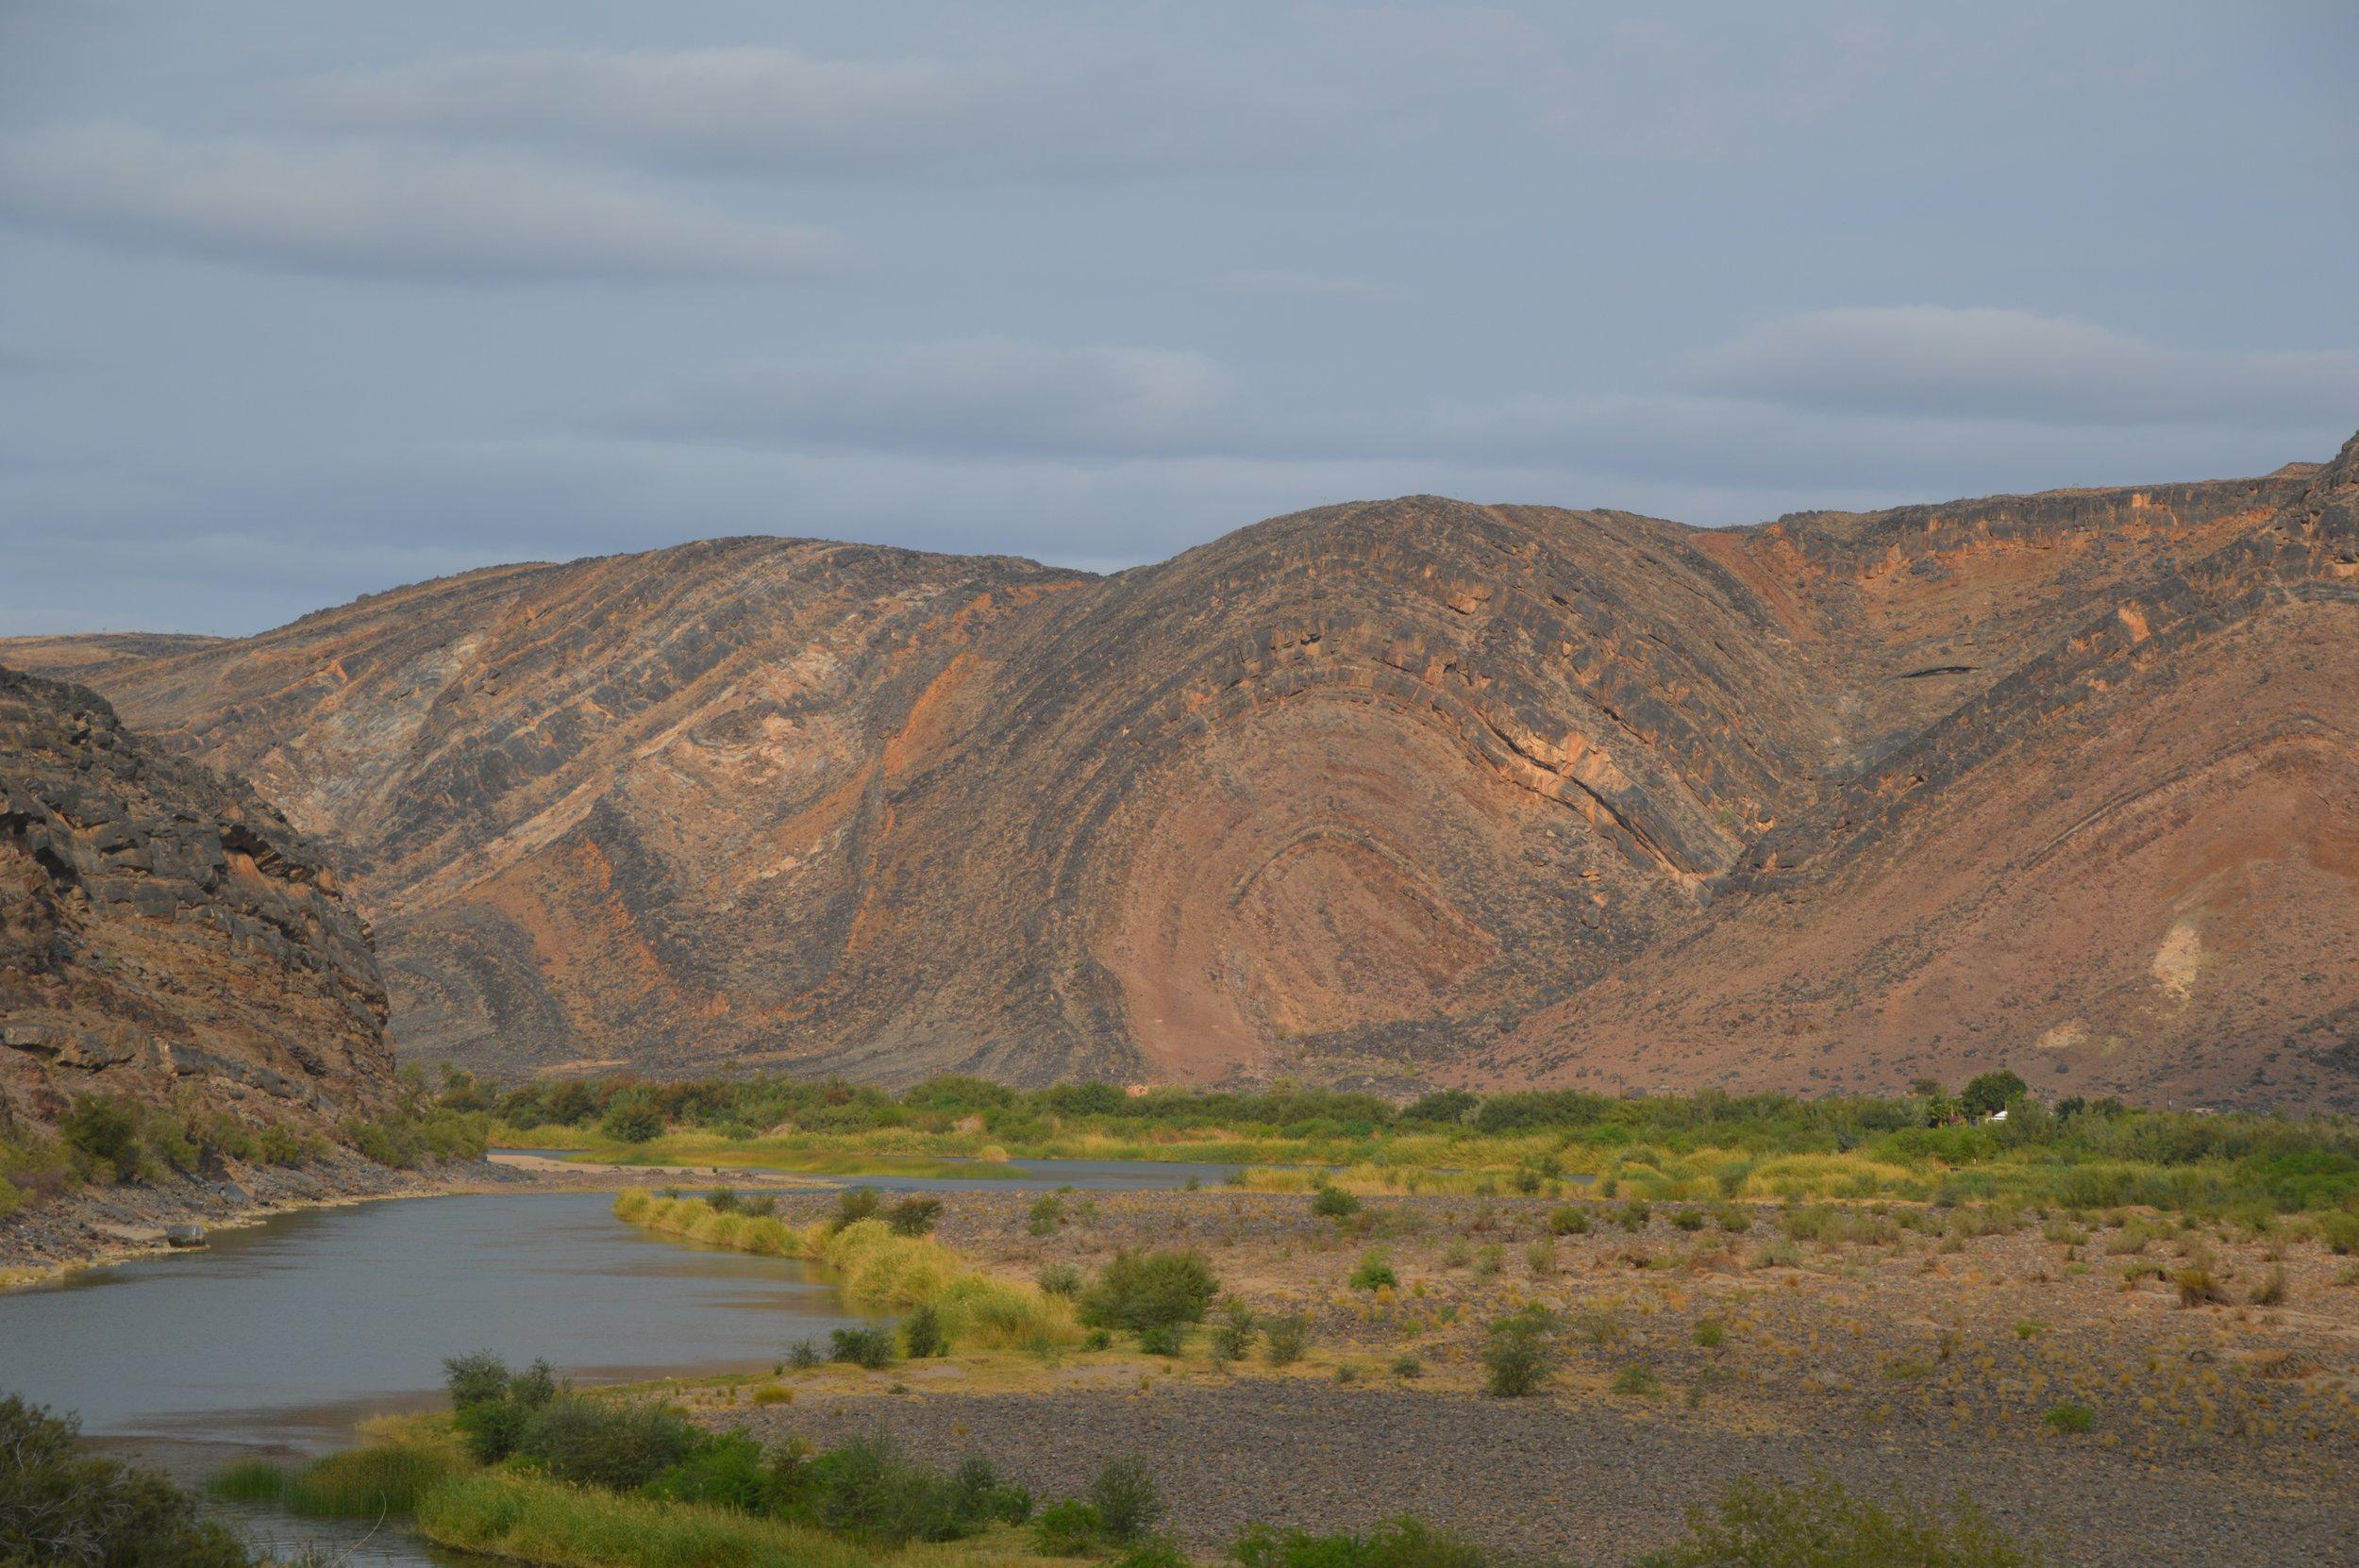 Ediacaran and Cambrian strata along the Orange River